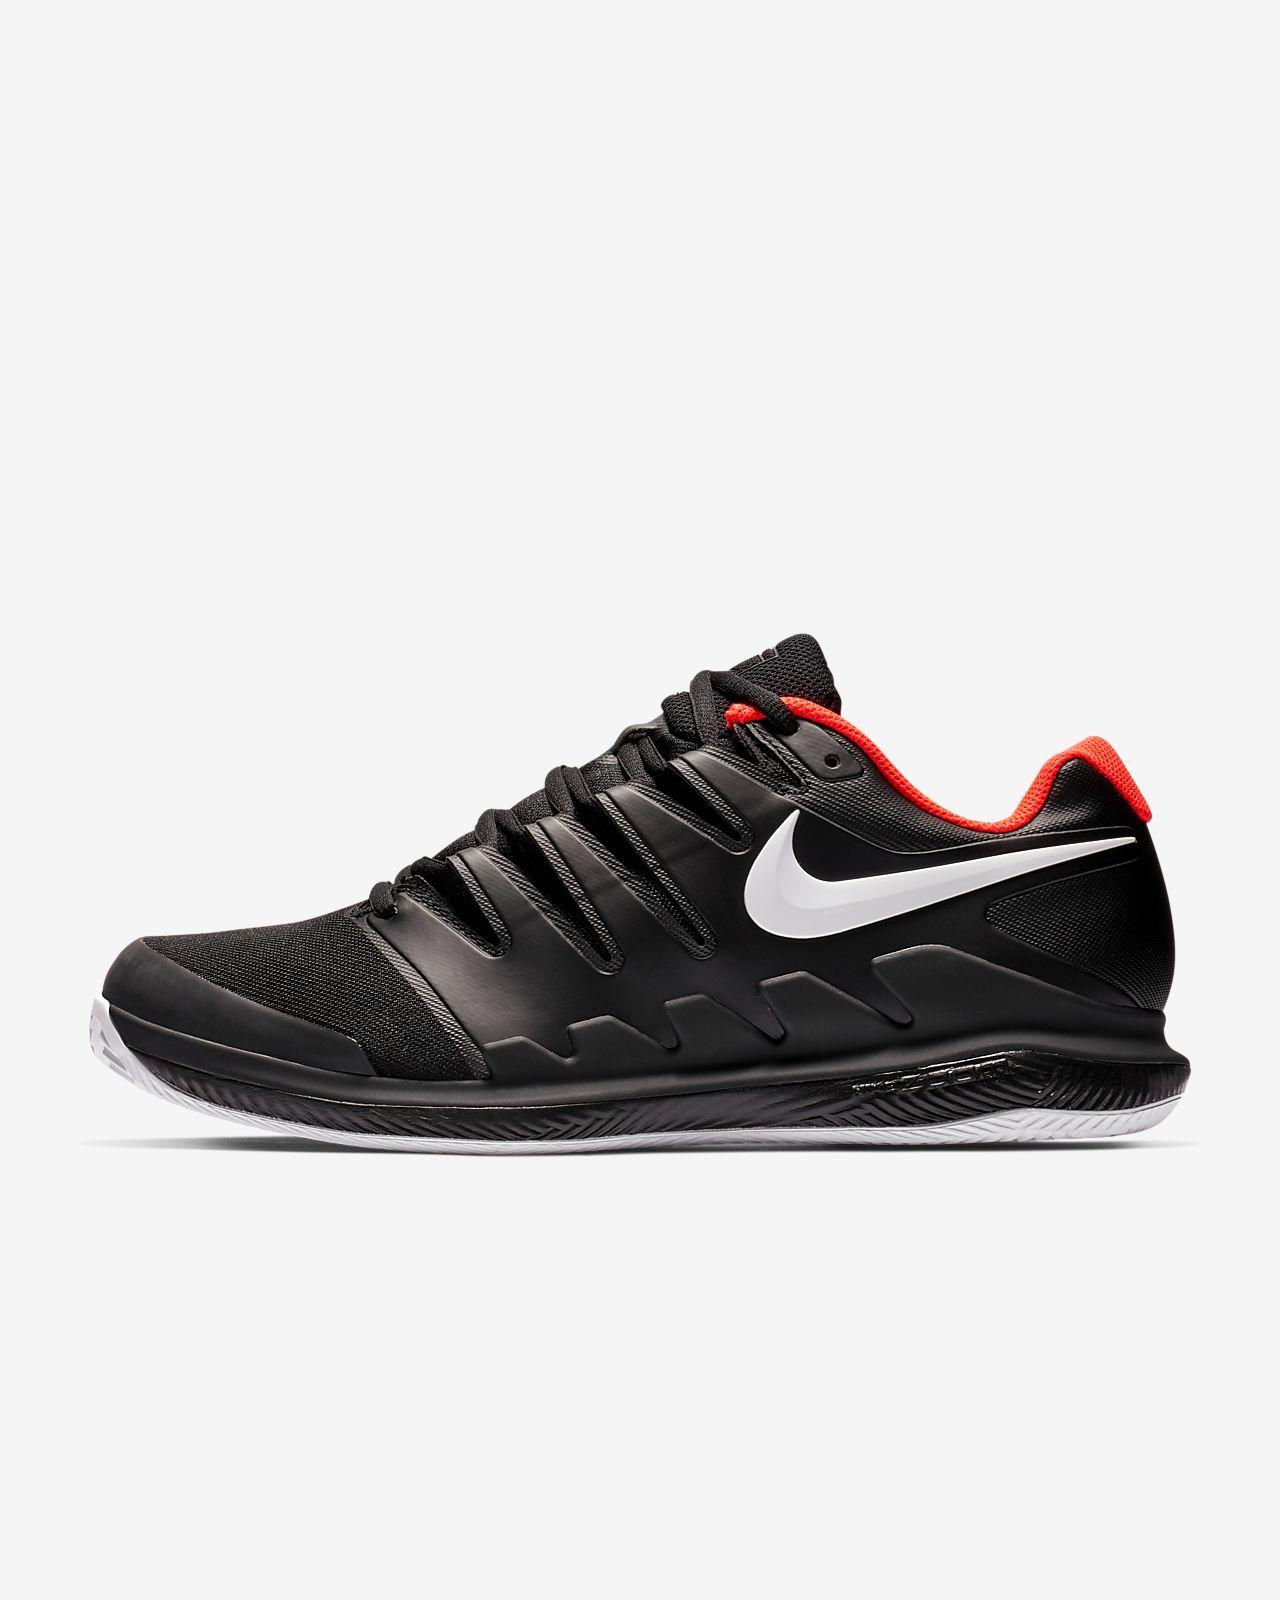 brand new e6638 821b3 ... Chaussure de tennis Nike Air Zoom Vapor X Clay pour Homme